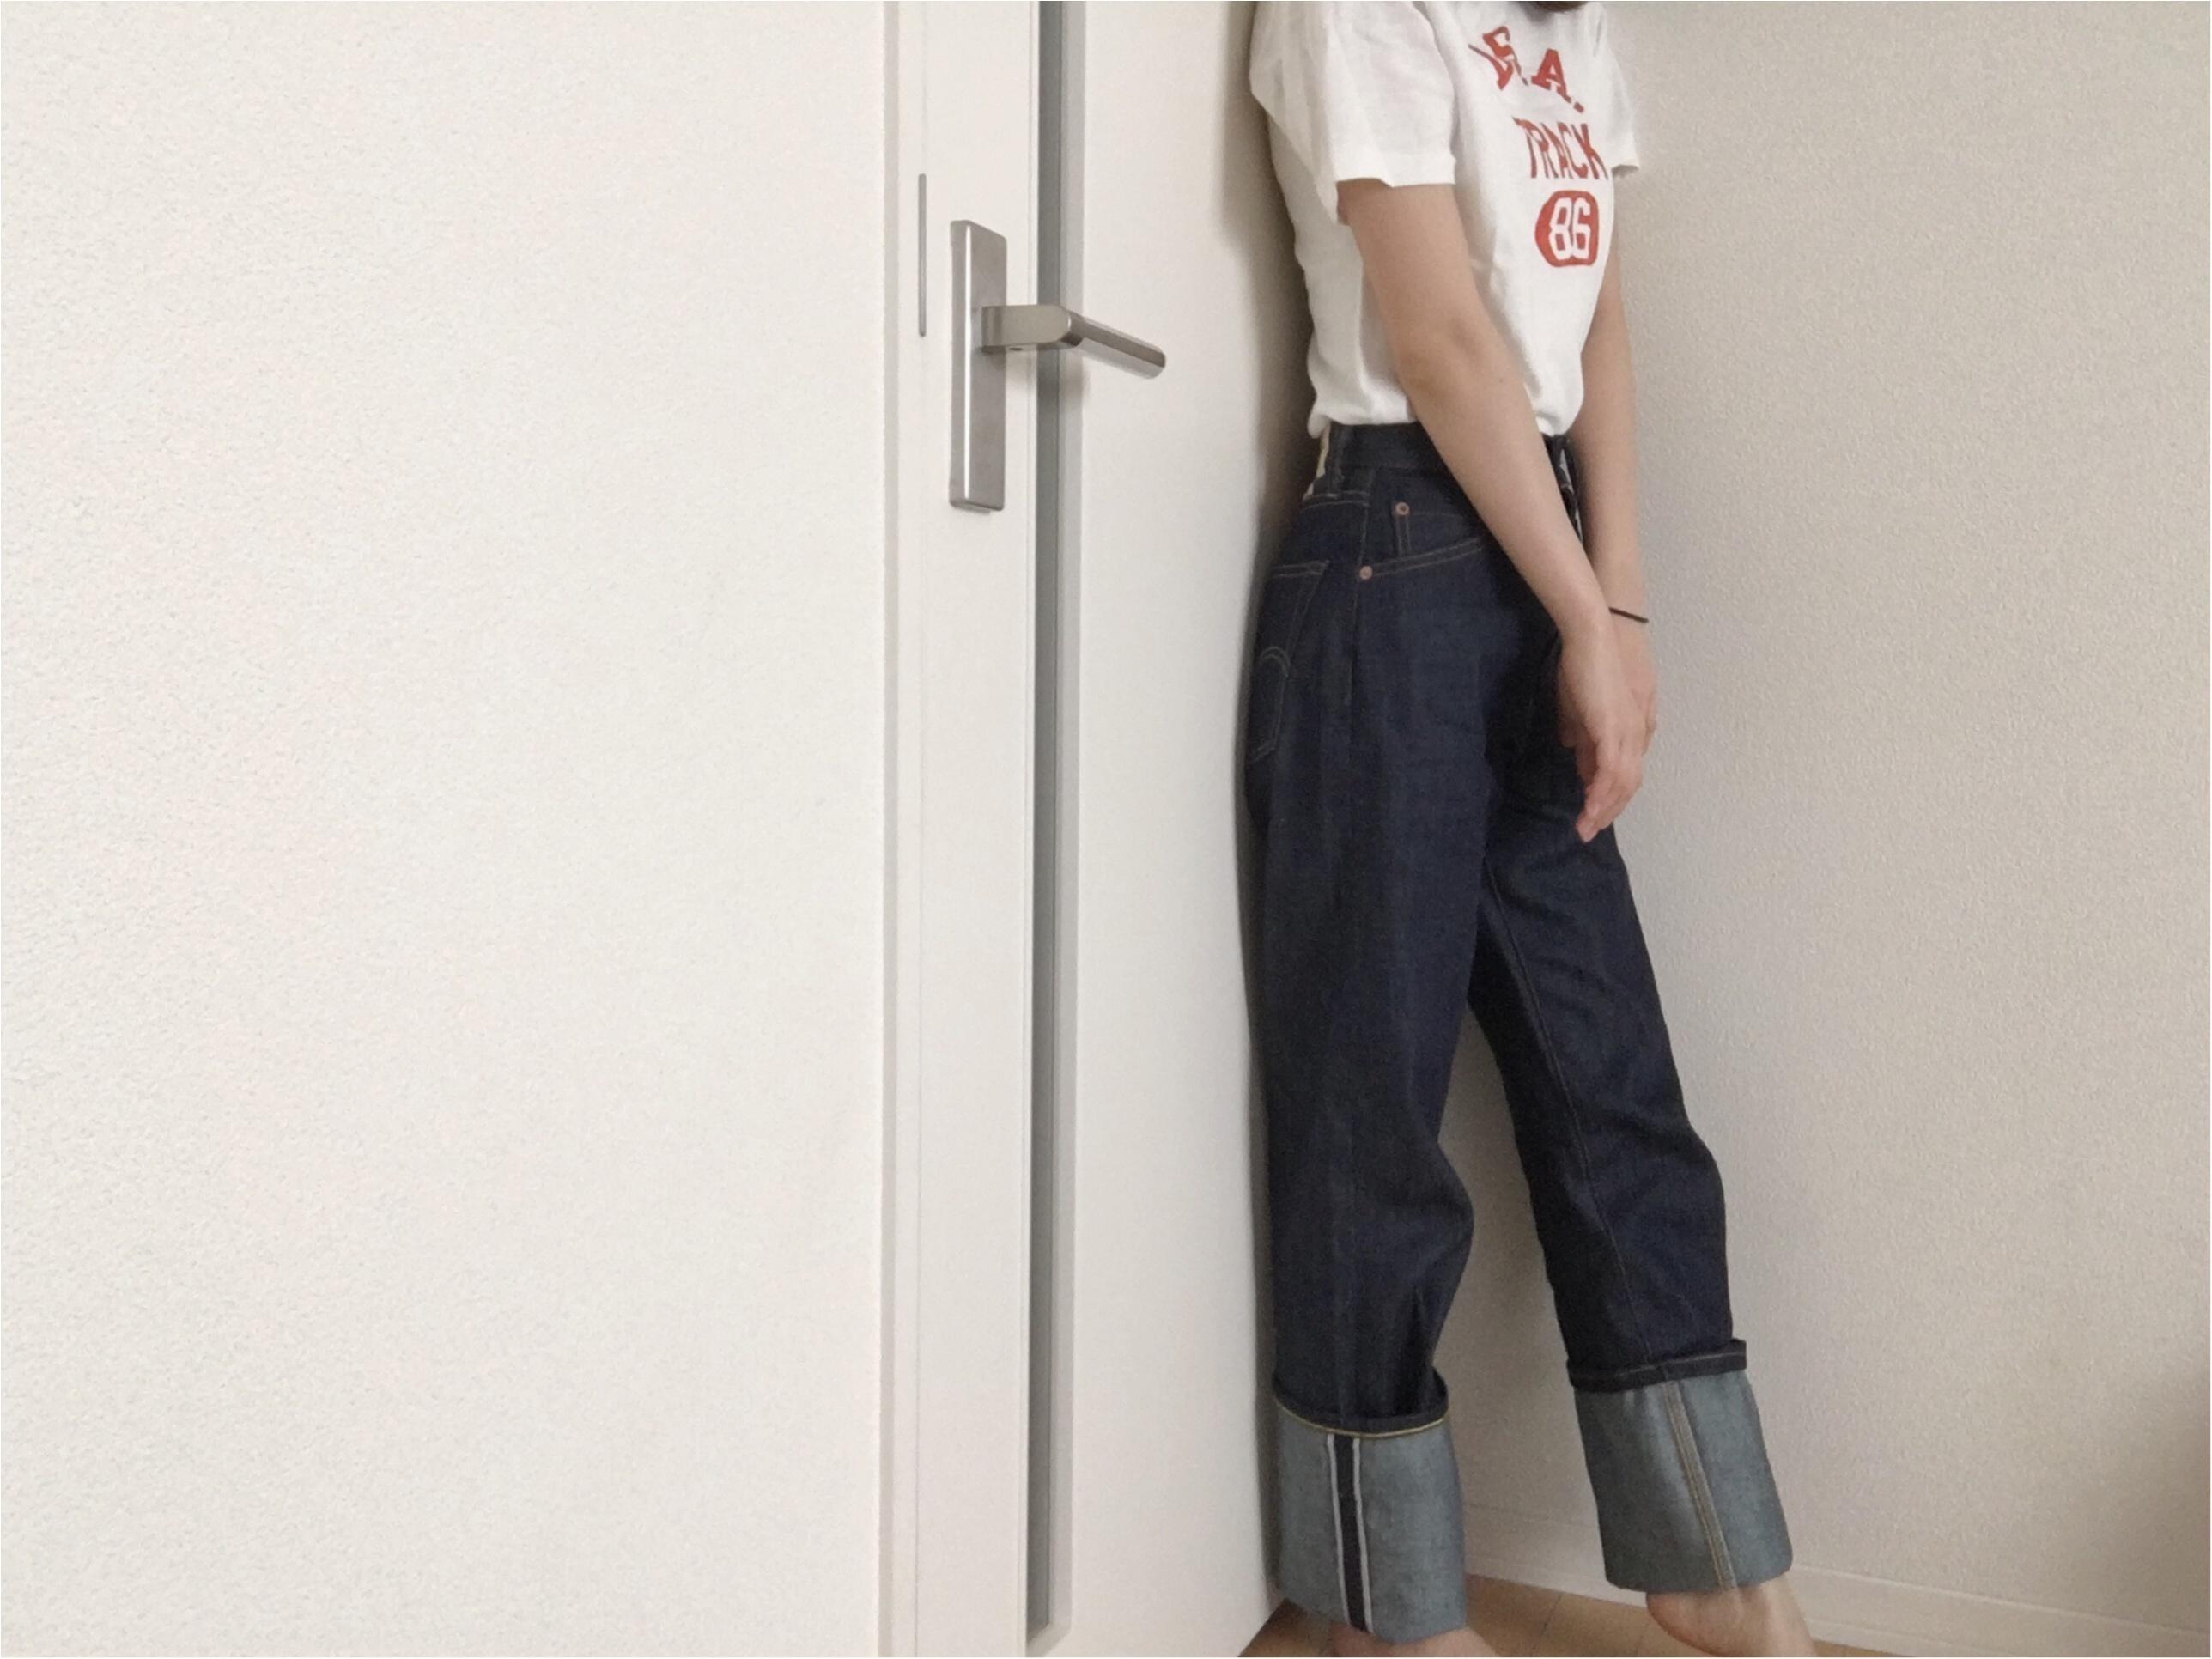 ★《Levis701》ハイウエストデニムをget☆履き心地と可愛いポイントはここだっ!!_5